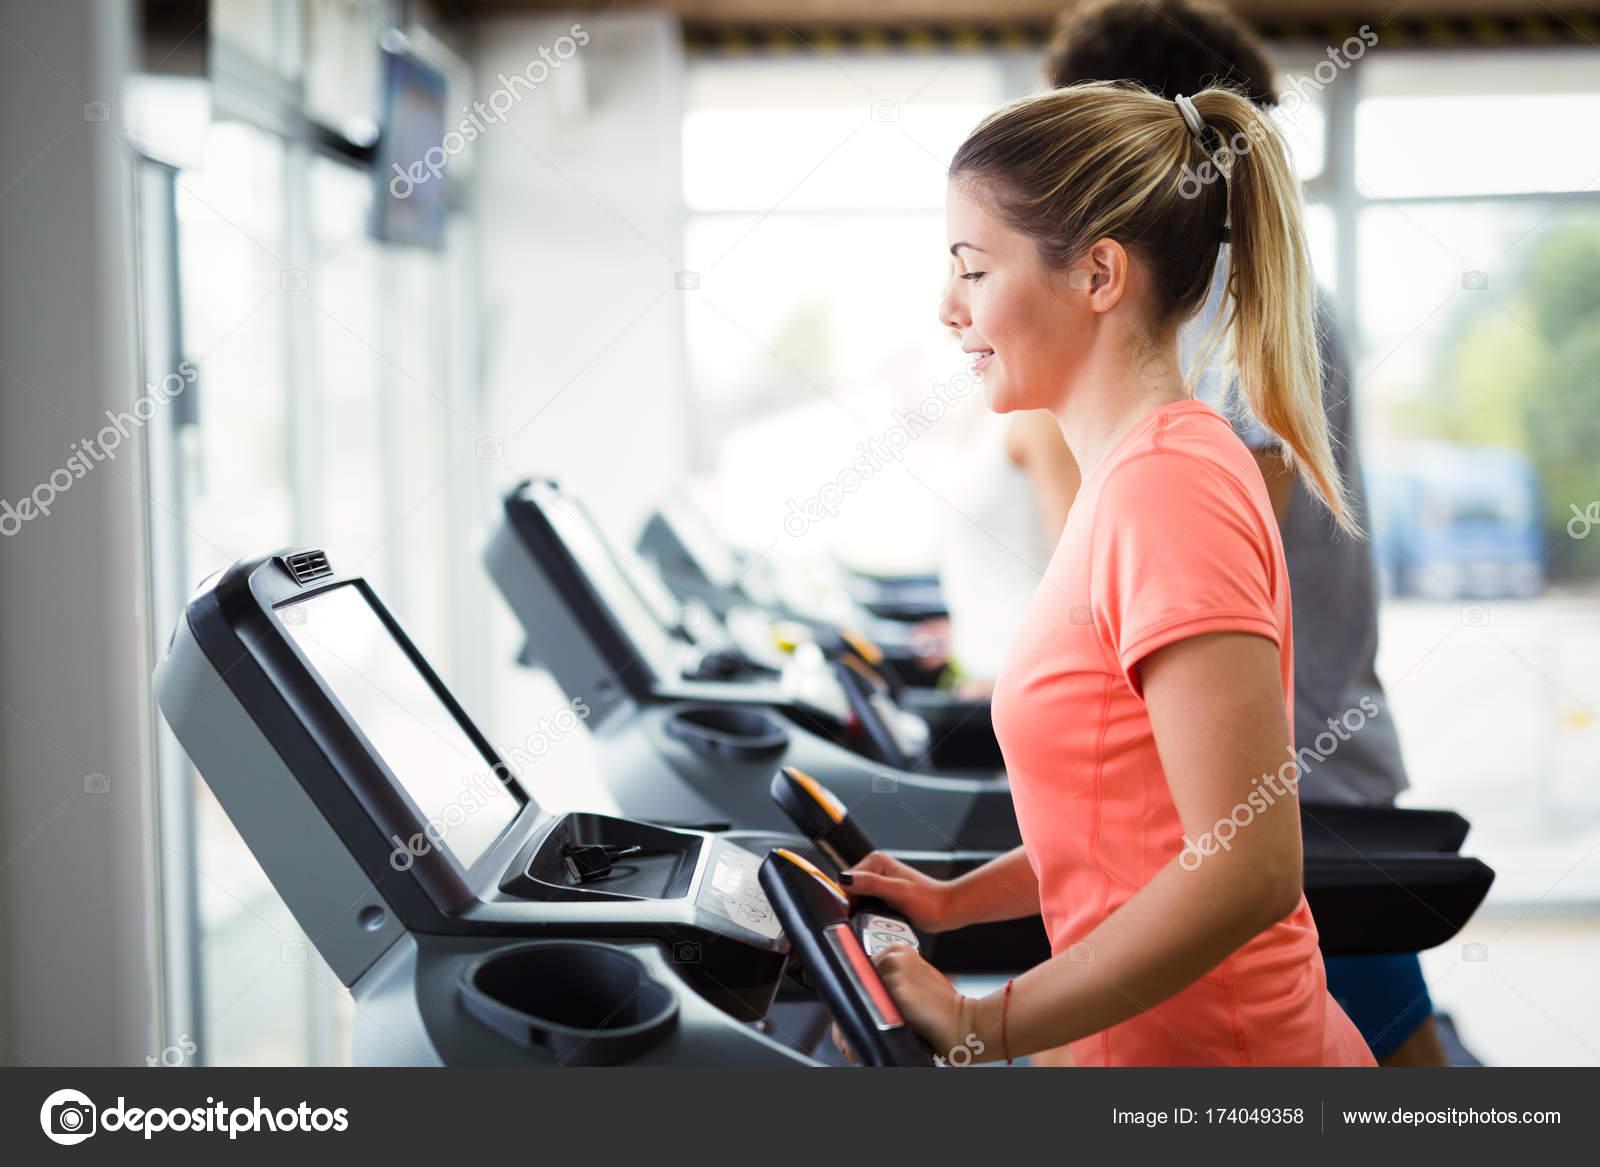 Que hacer en el gimnasio para bajar de peso